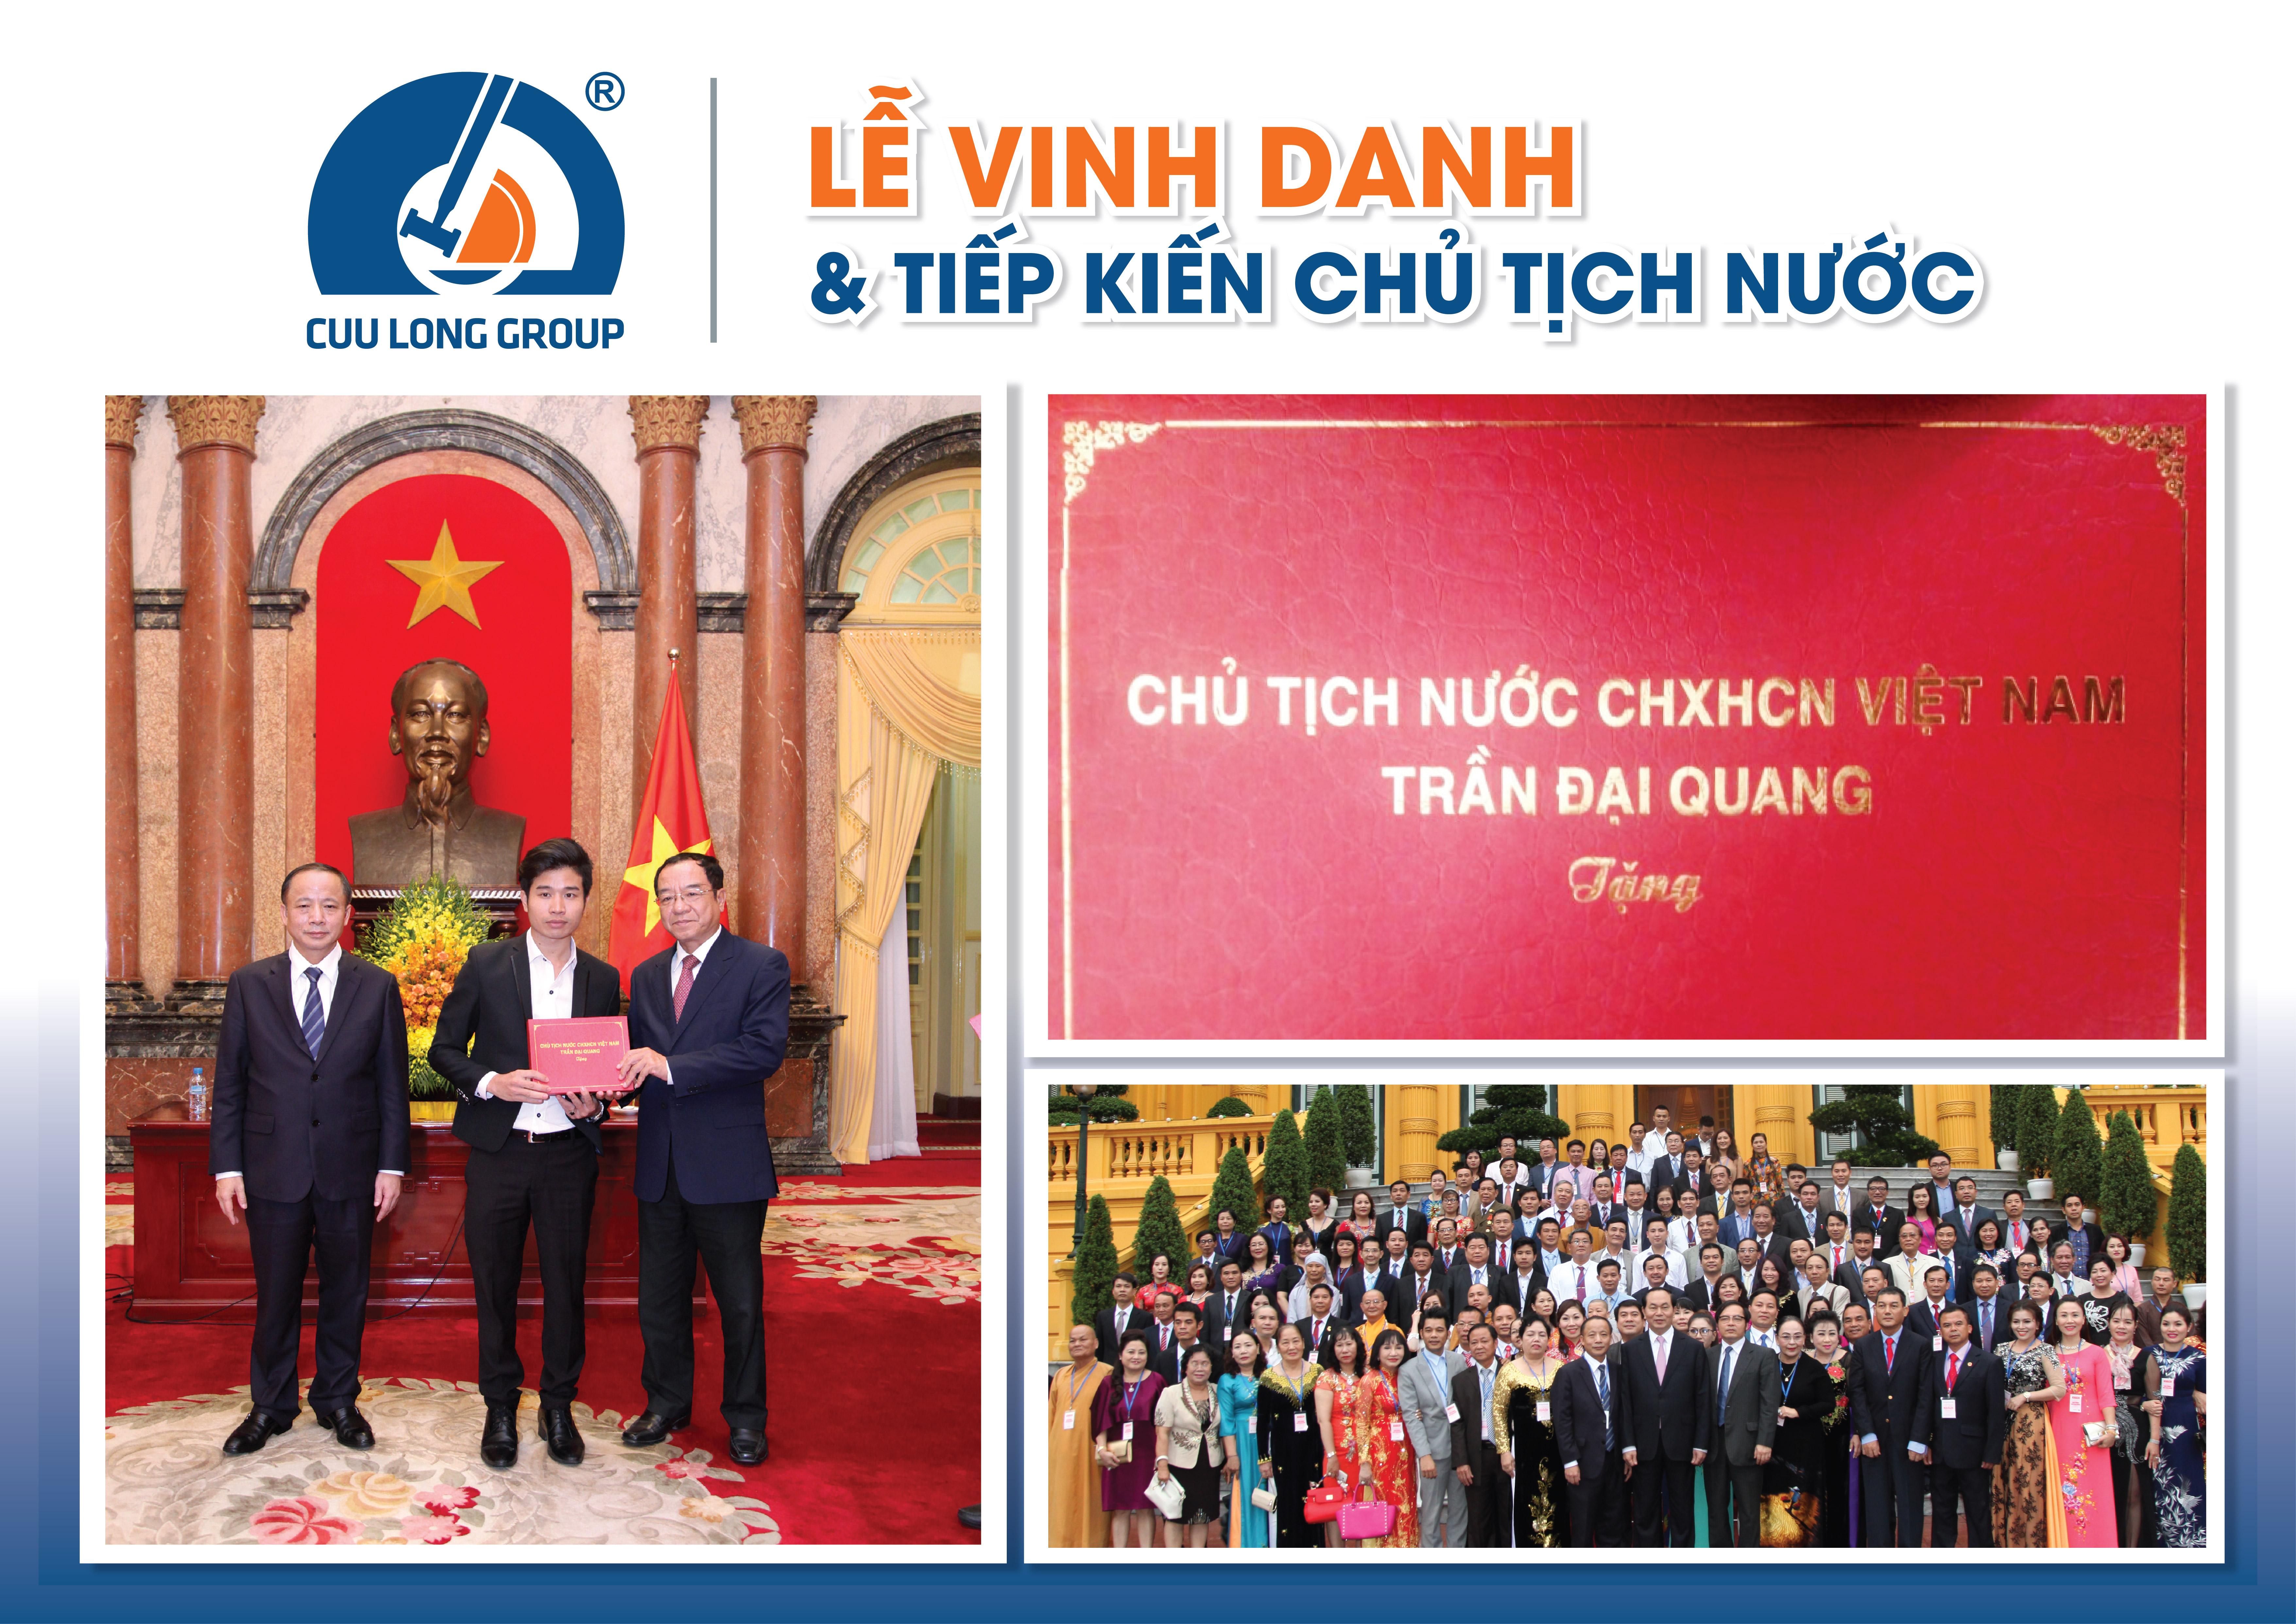 Nguyễn Tiến Hào